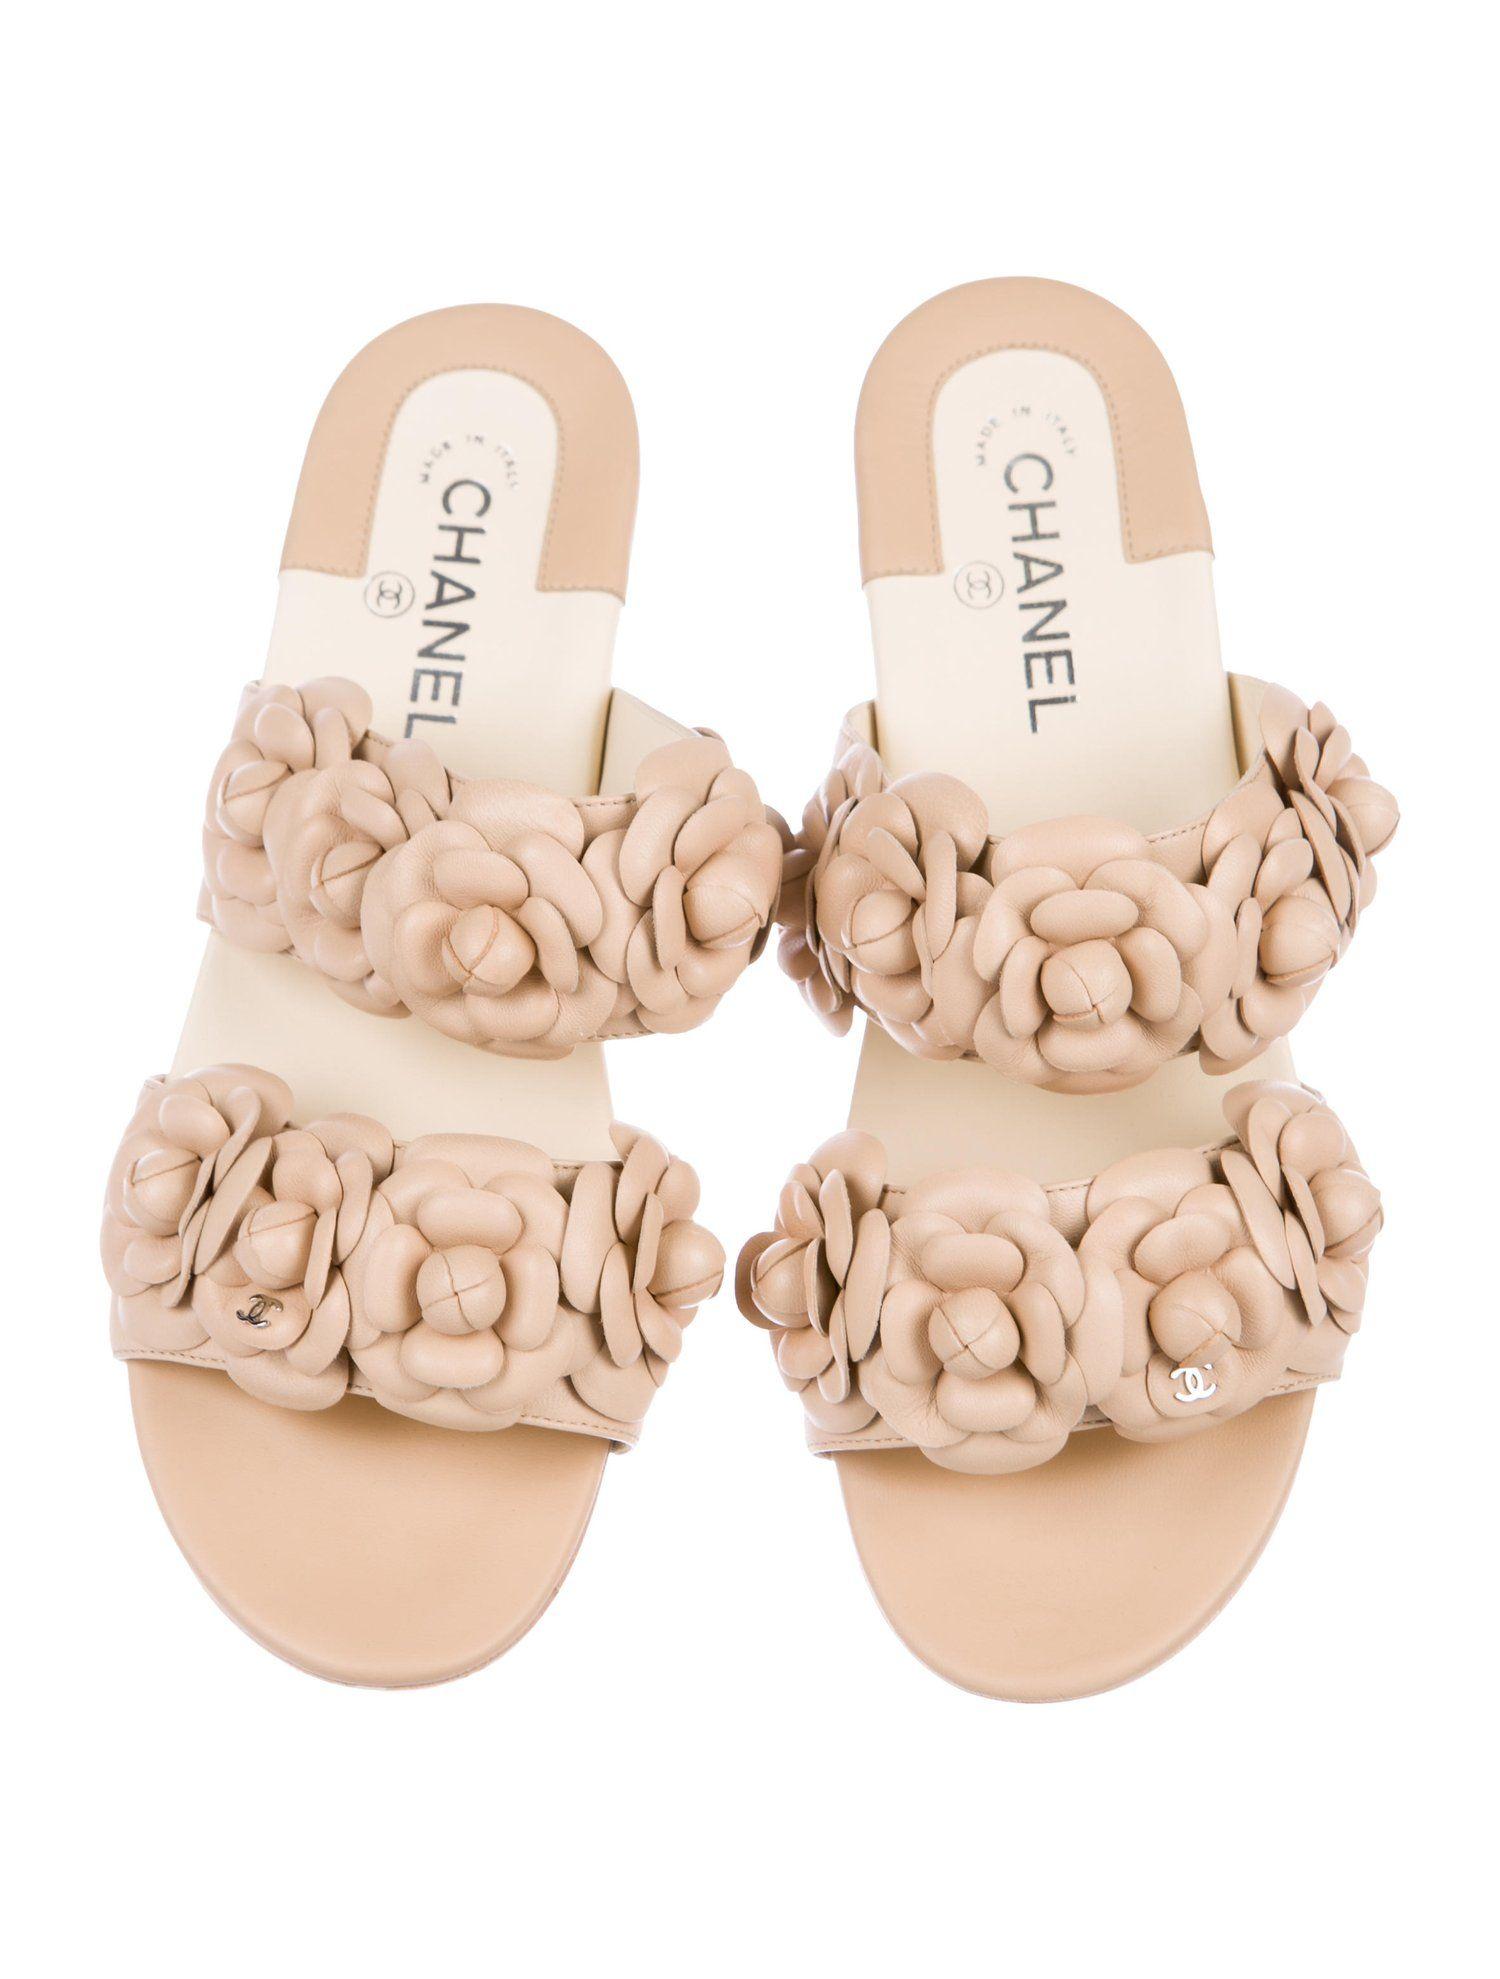 Chanel Camellia Leather Slide Sandals